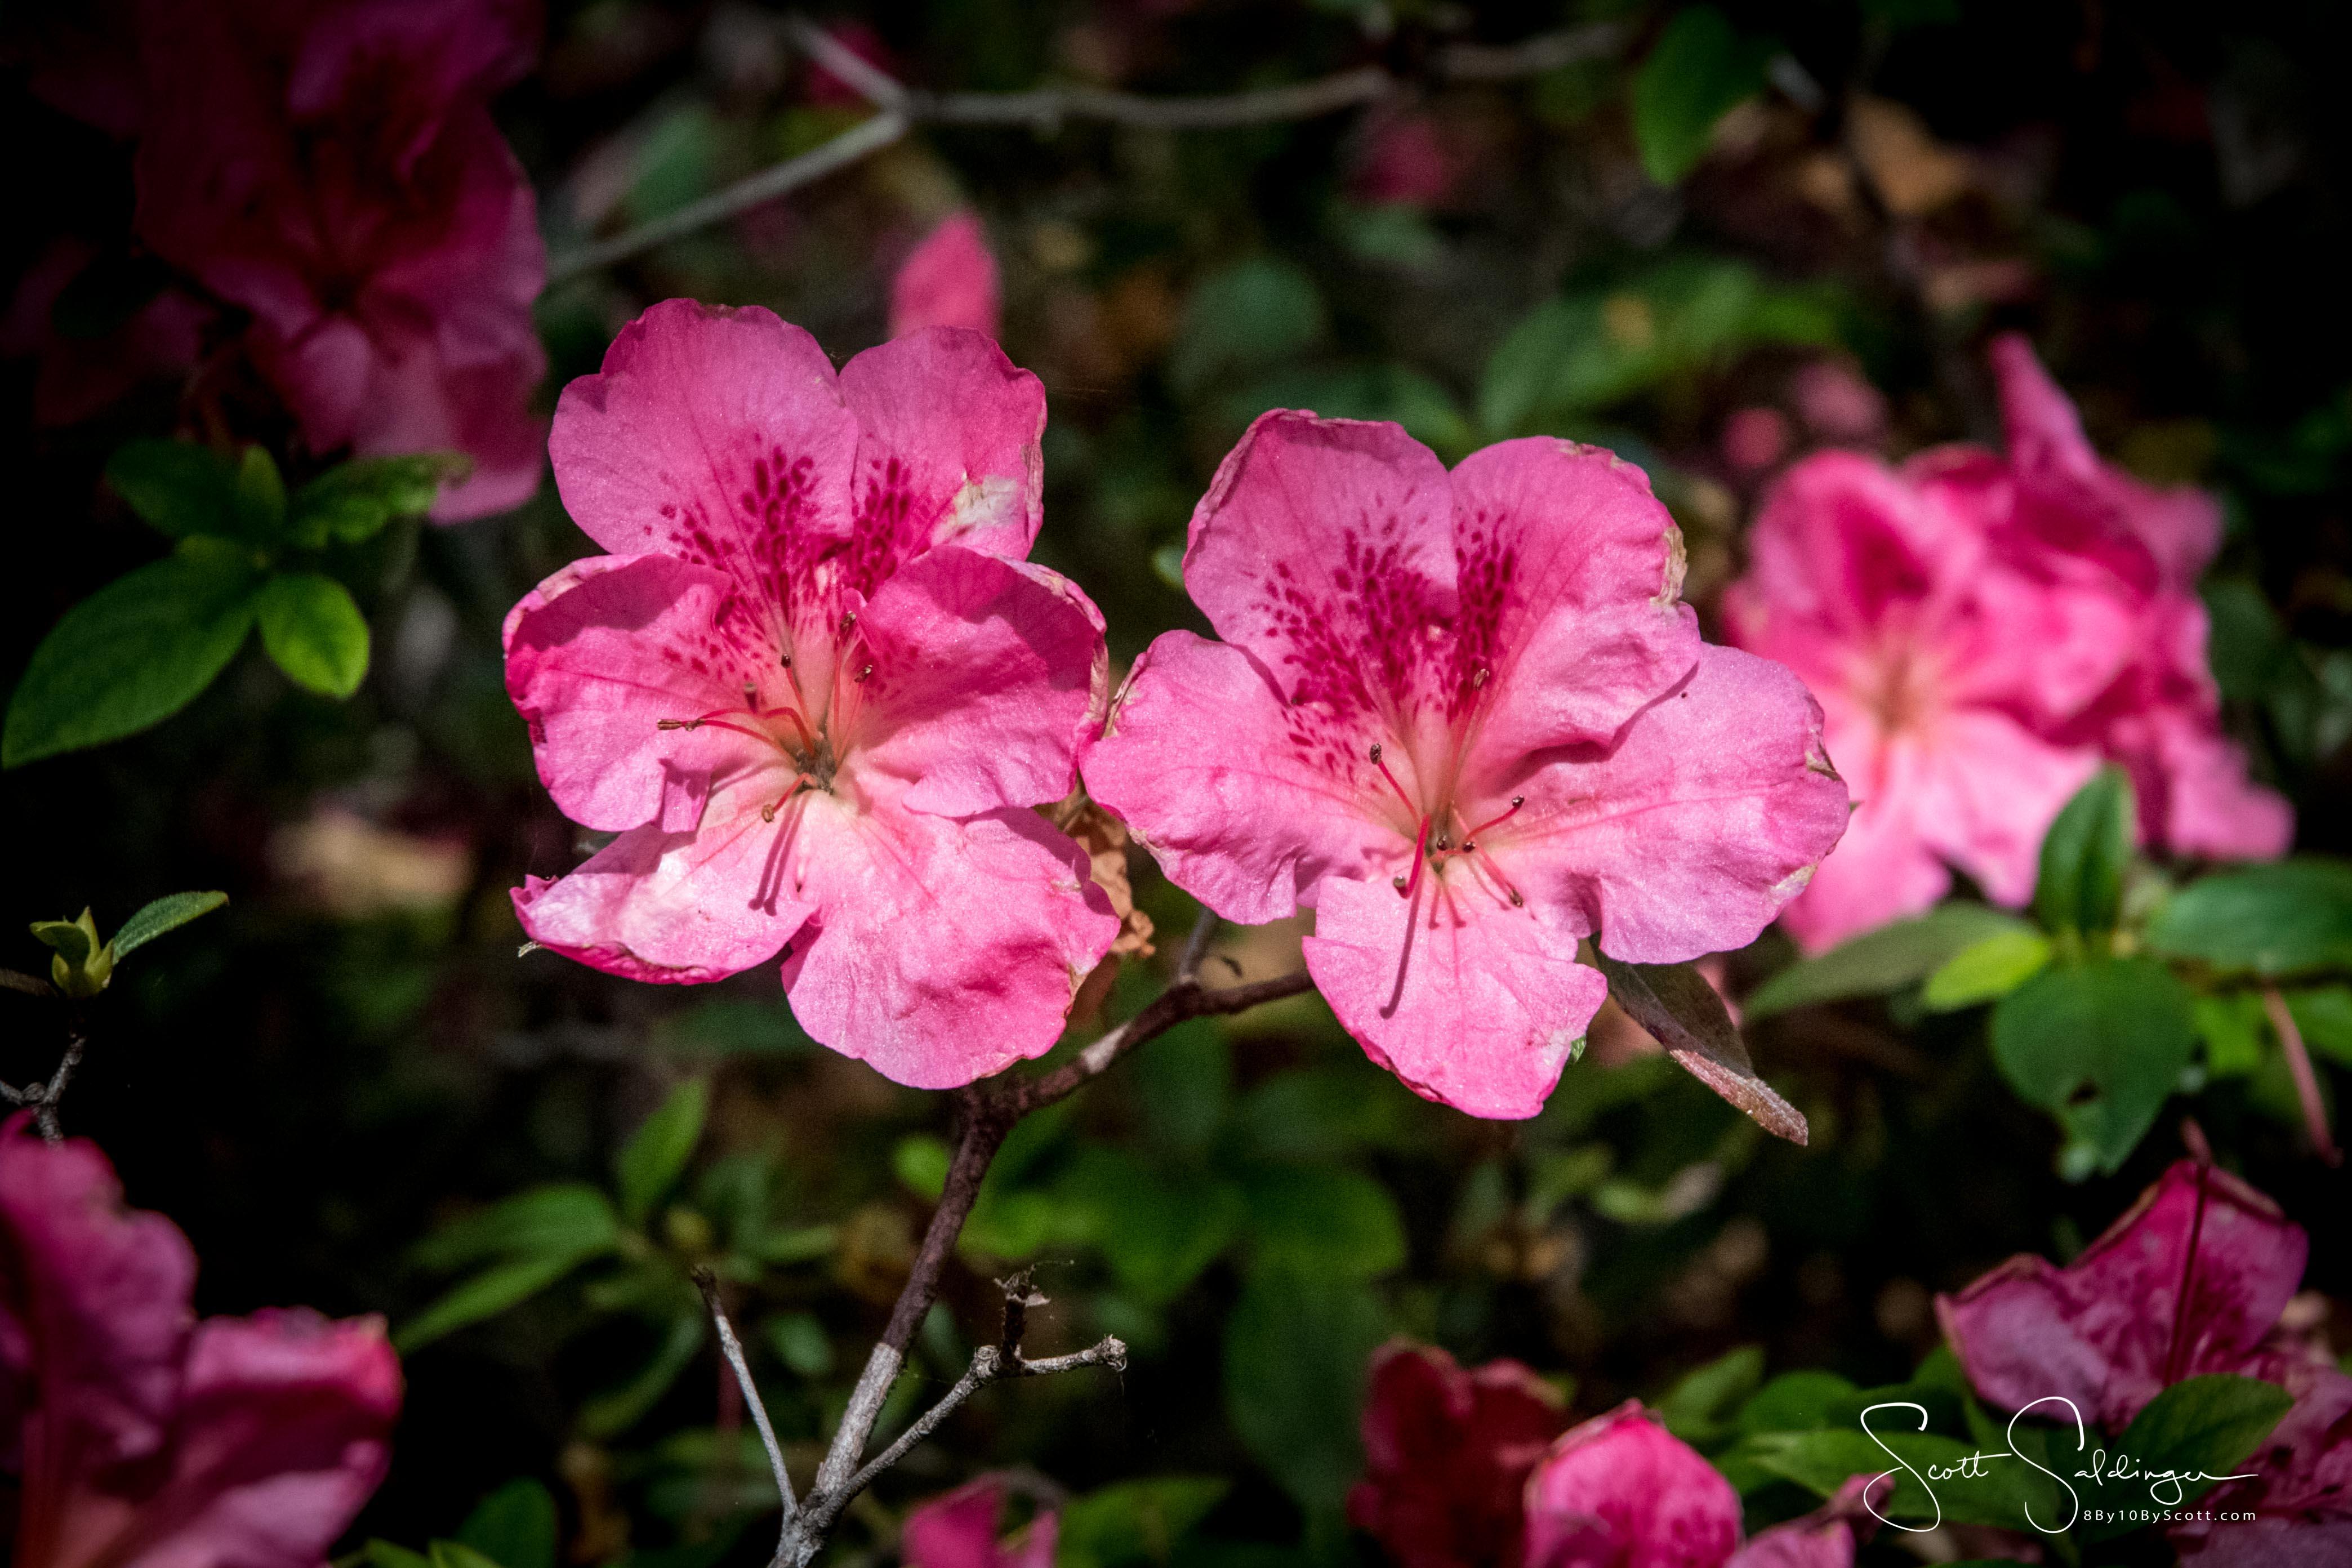 Dallas_Arboretum-20